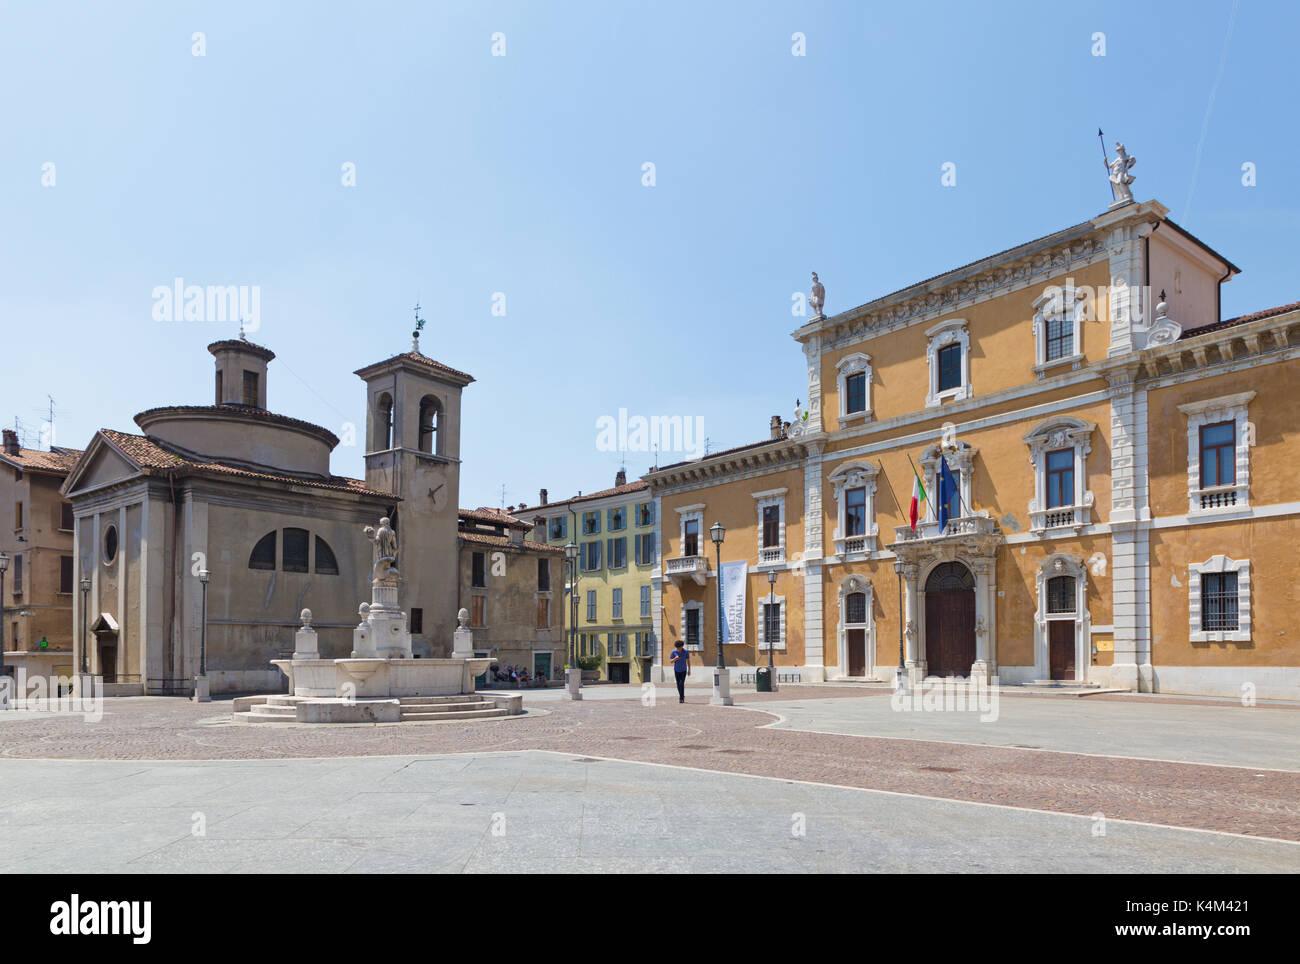 BRESCIA, ITALY - MAY 22, 2016: The Piazza del Mercato square and University of Brescia. - Stock Image